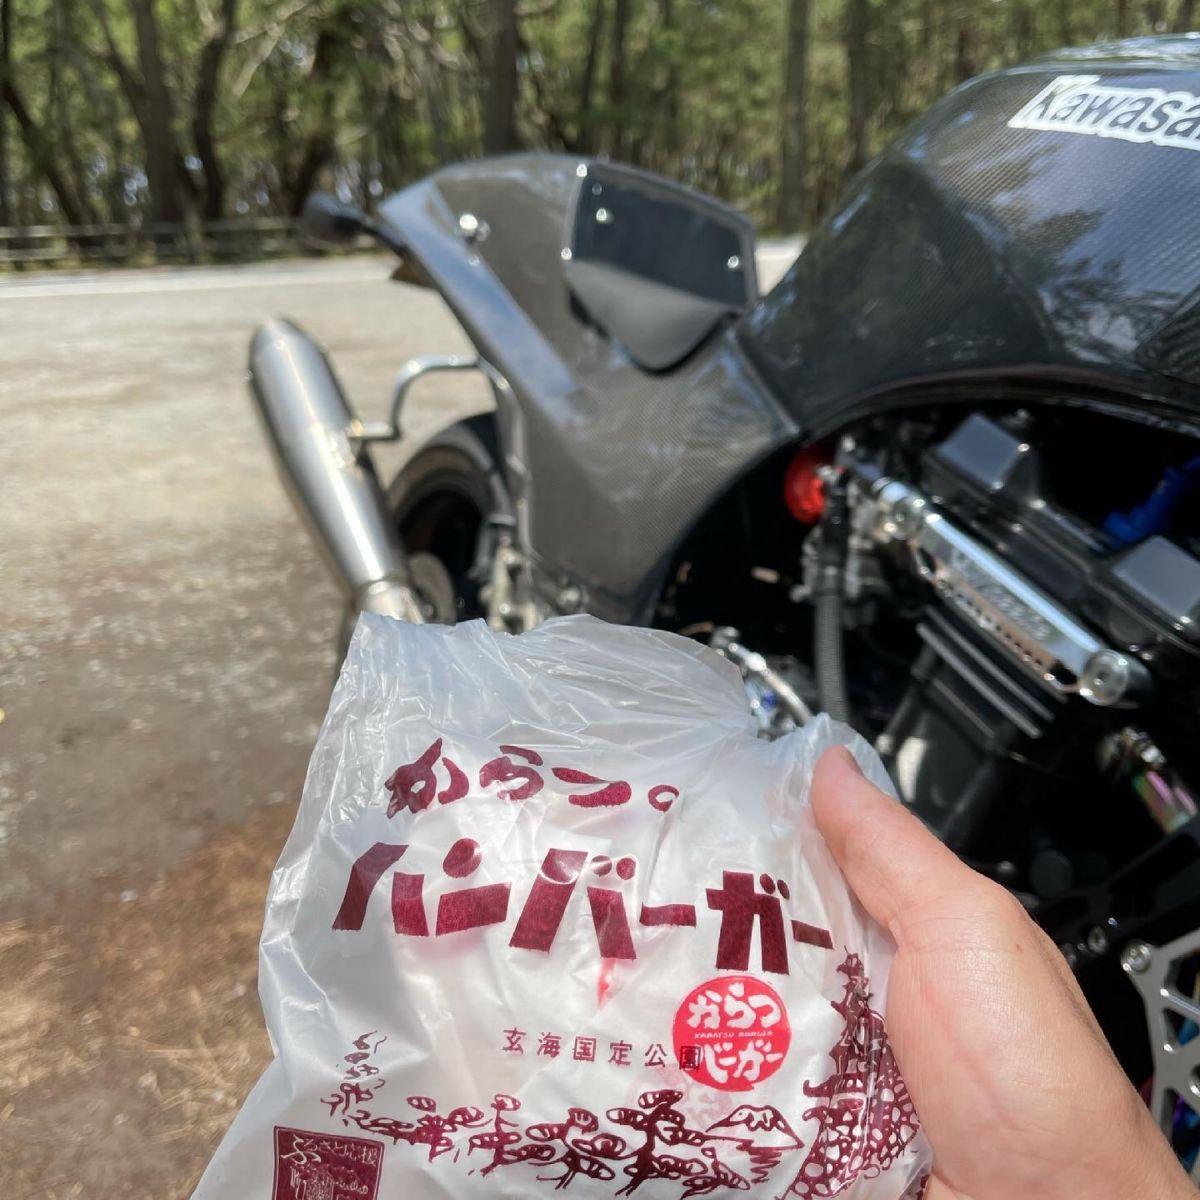 ケンジさんが投稿した愛車情報(GPZ900R Ninja)